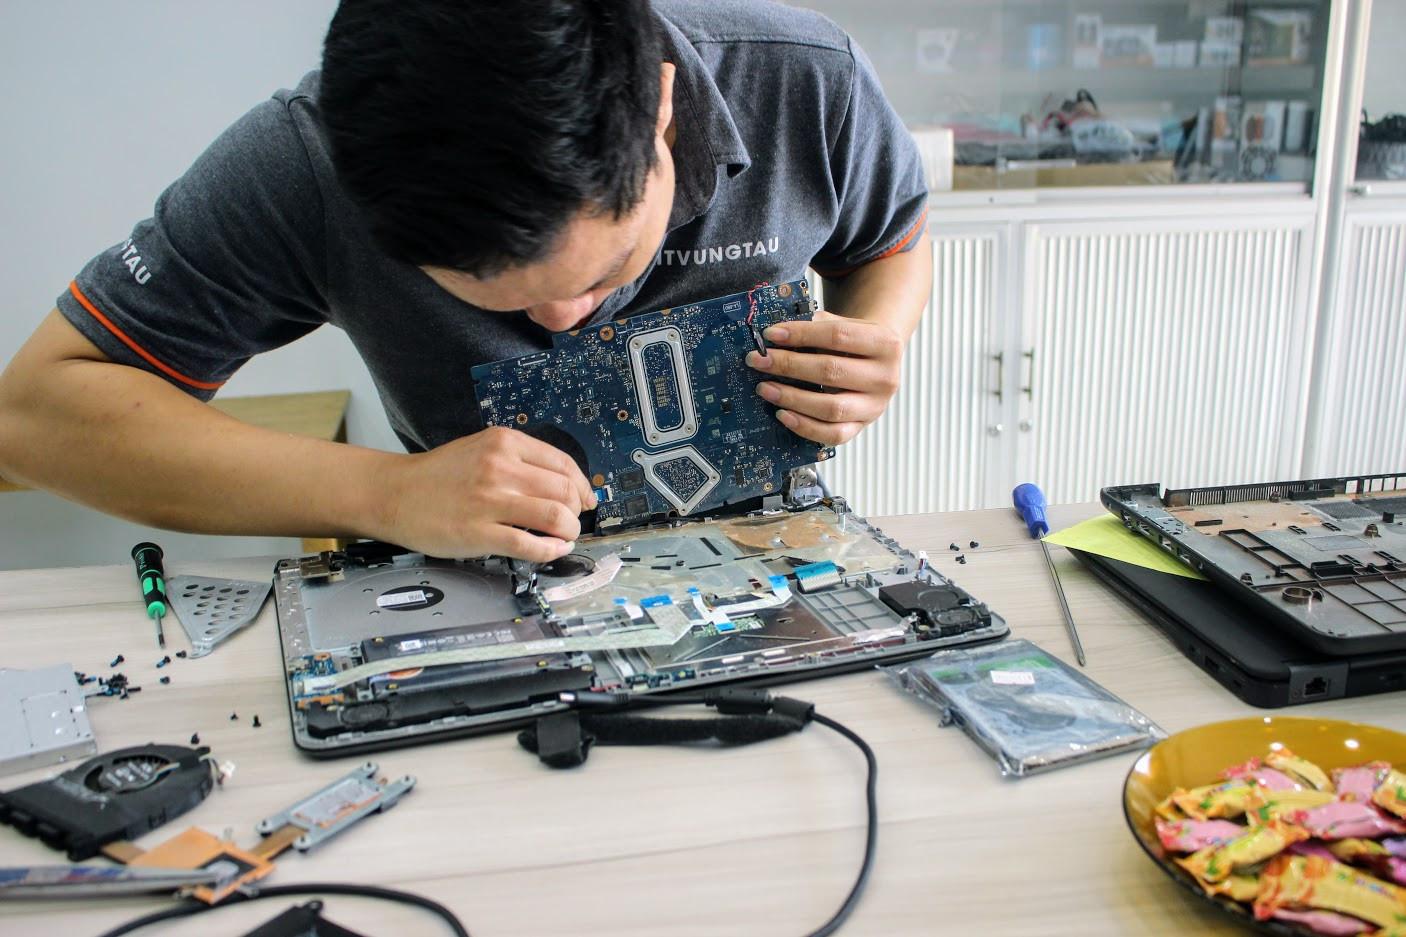 sua-laptop-vung-tau-2-2